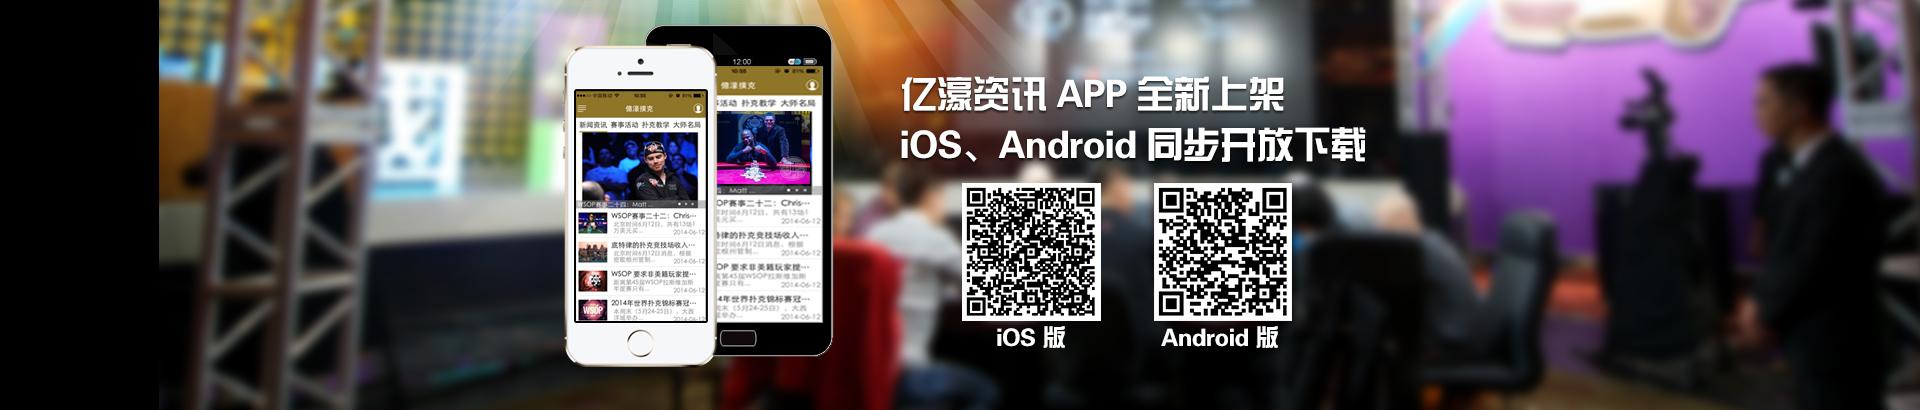 亿濠资讯APP安卓版、iOS版同步开放下载!